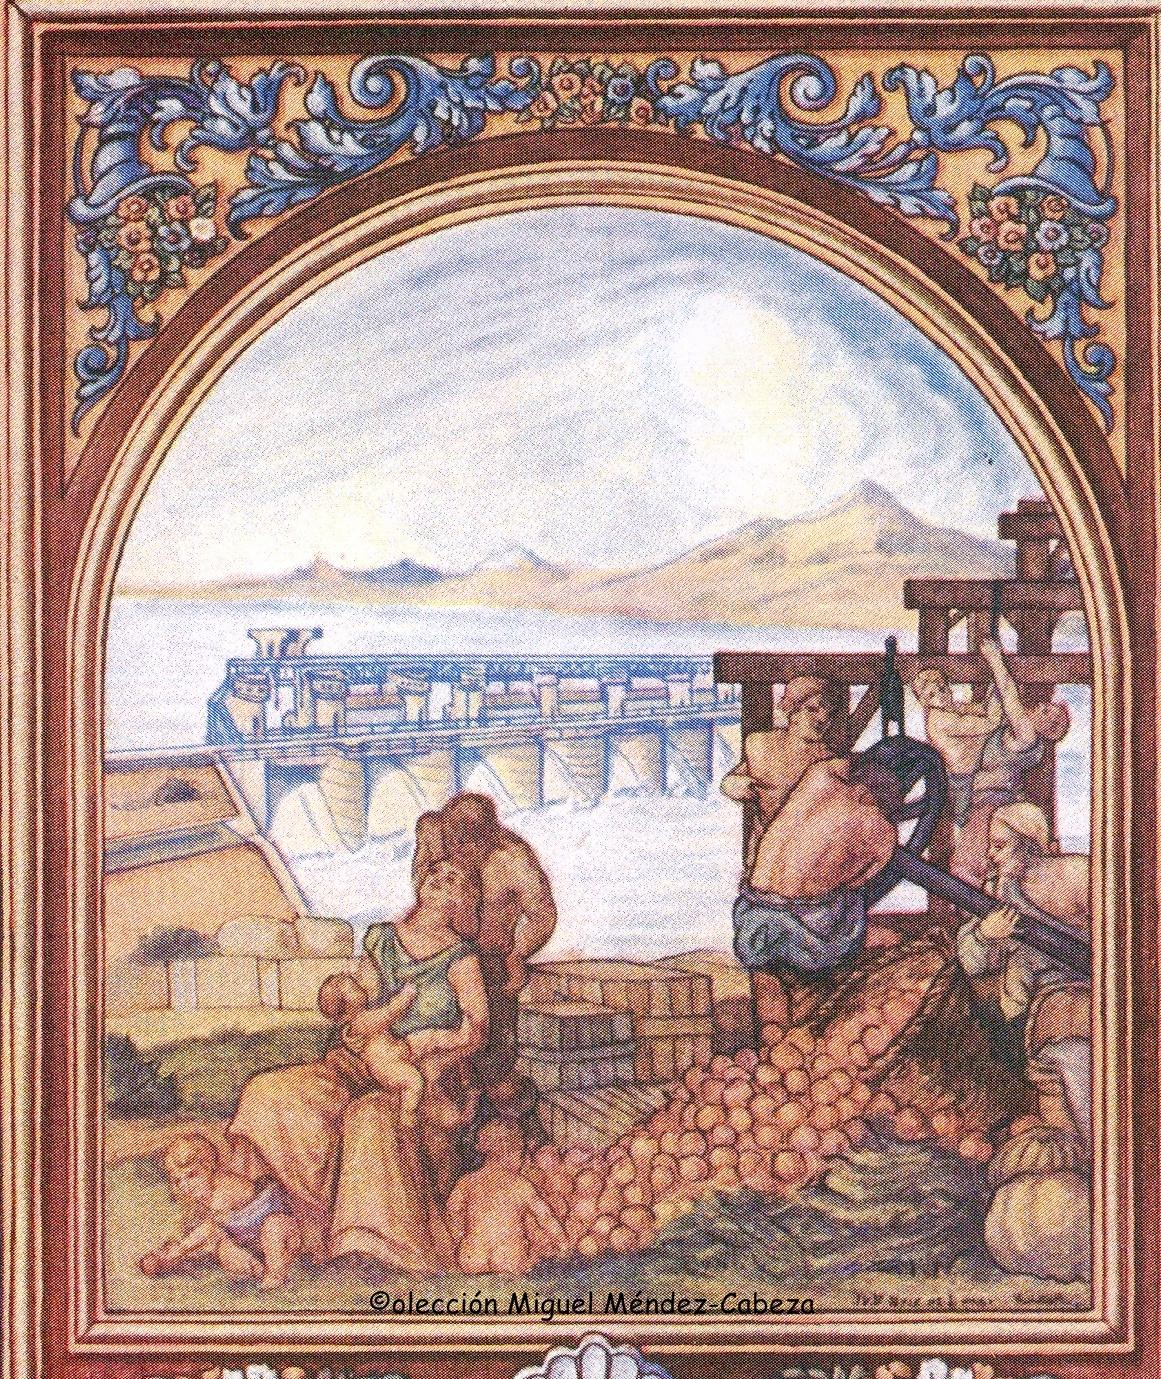 Dibujo alegórico de Ruiz de Luna sobre los regadíos y huertas del Alberche